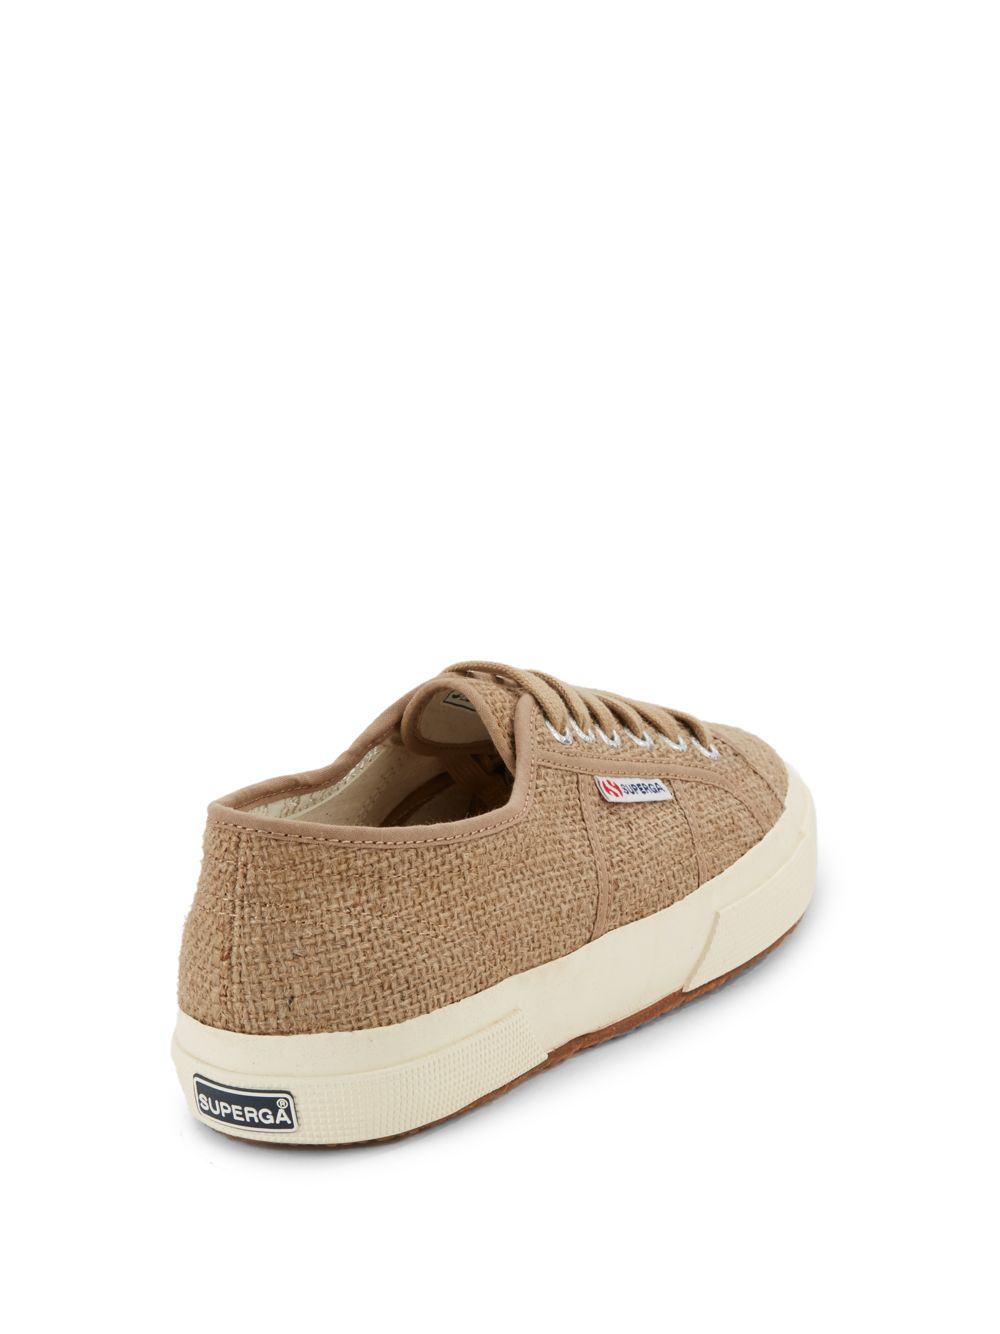 Superga Jutau Jute Sneakers in Natural